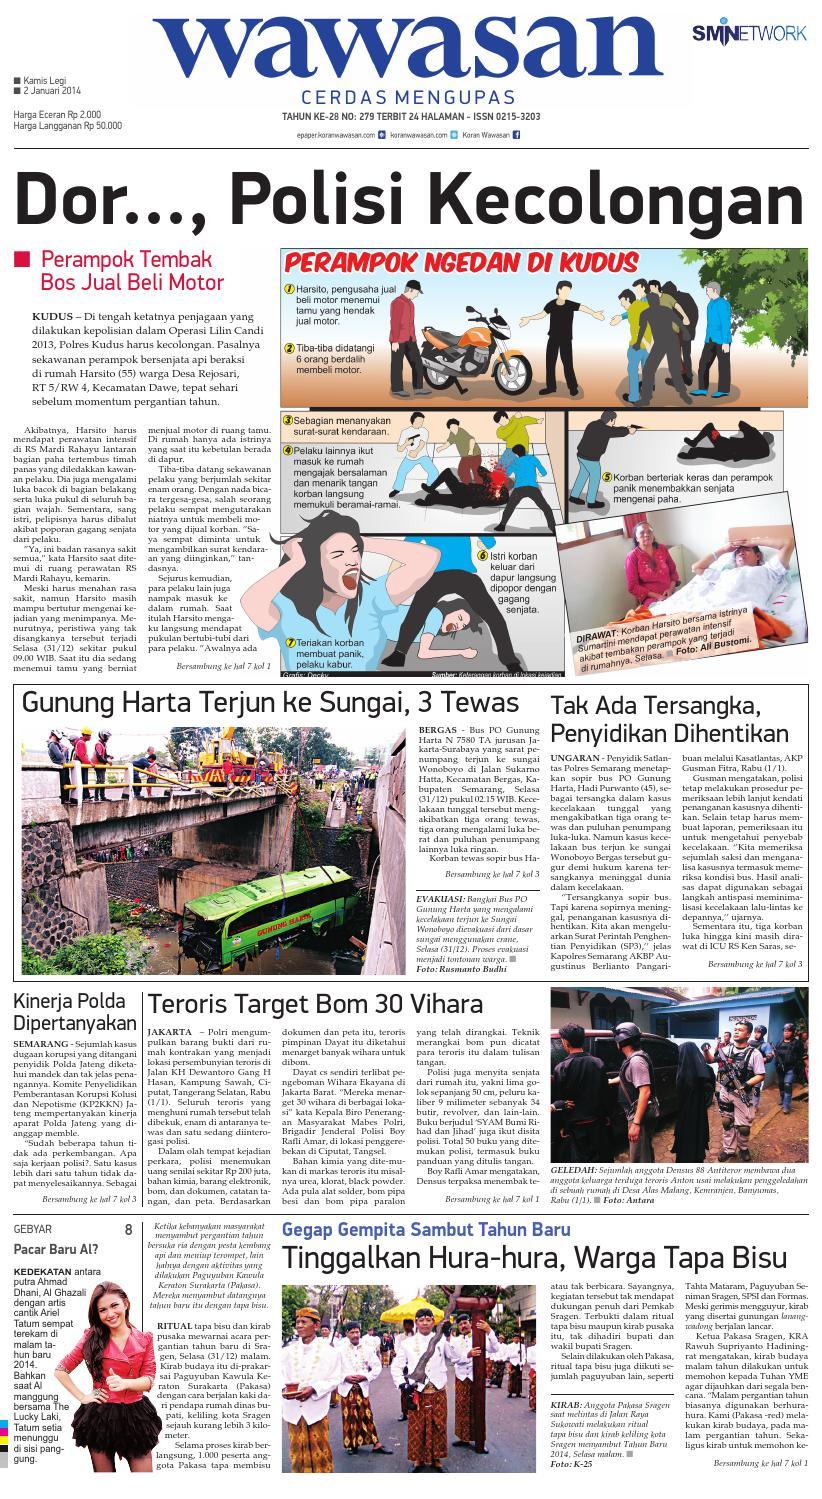 Wawasan 02 Januari 2014 By Koran Pagi Issuu Produk Ukm Bumn Nomor Rumah Motif Apel